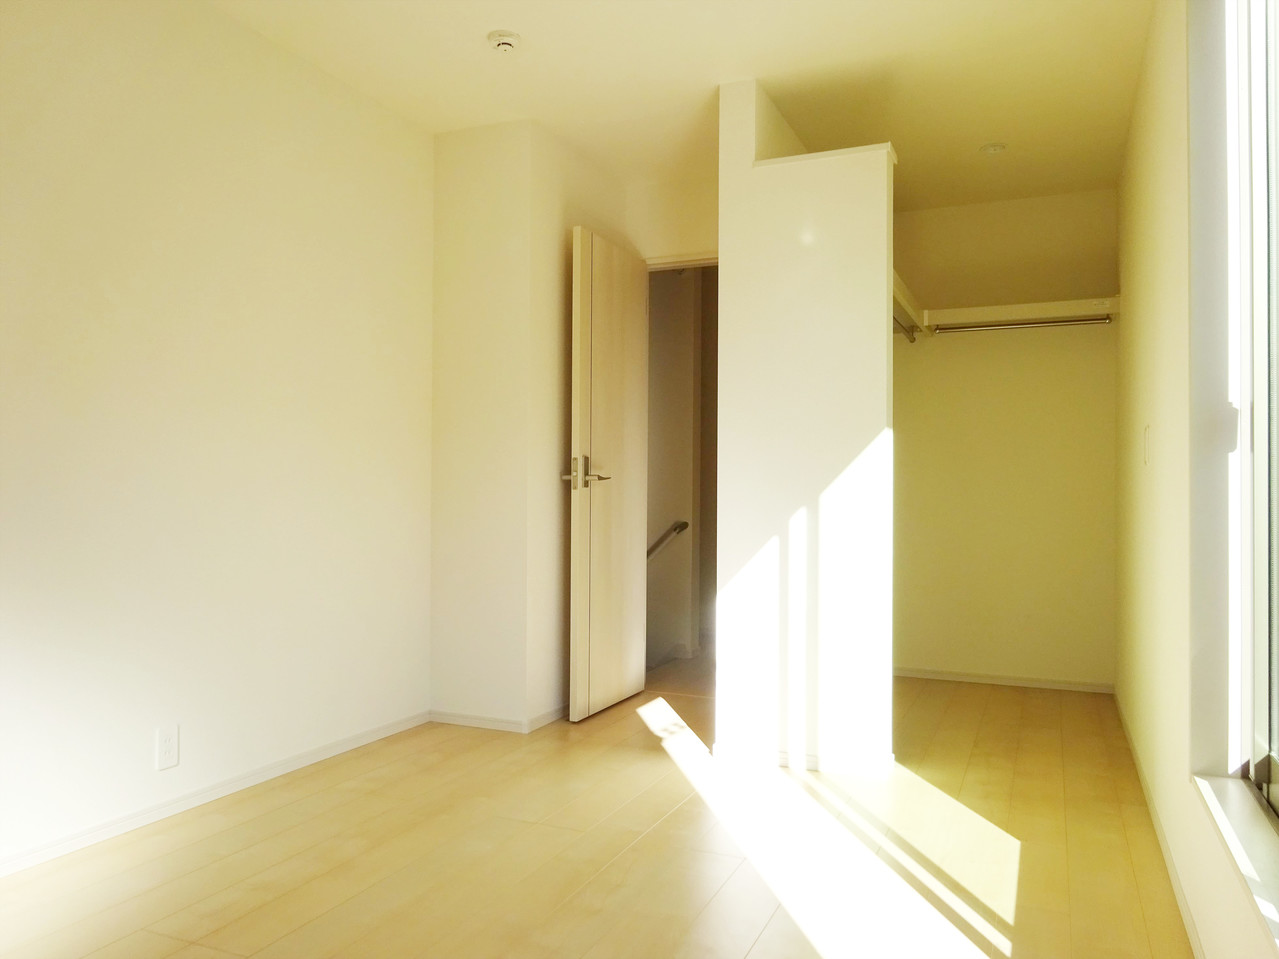 2階の洋室、収納力が自慢です。女性に嬉しいウォークインクローゼットあります。